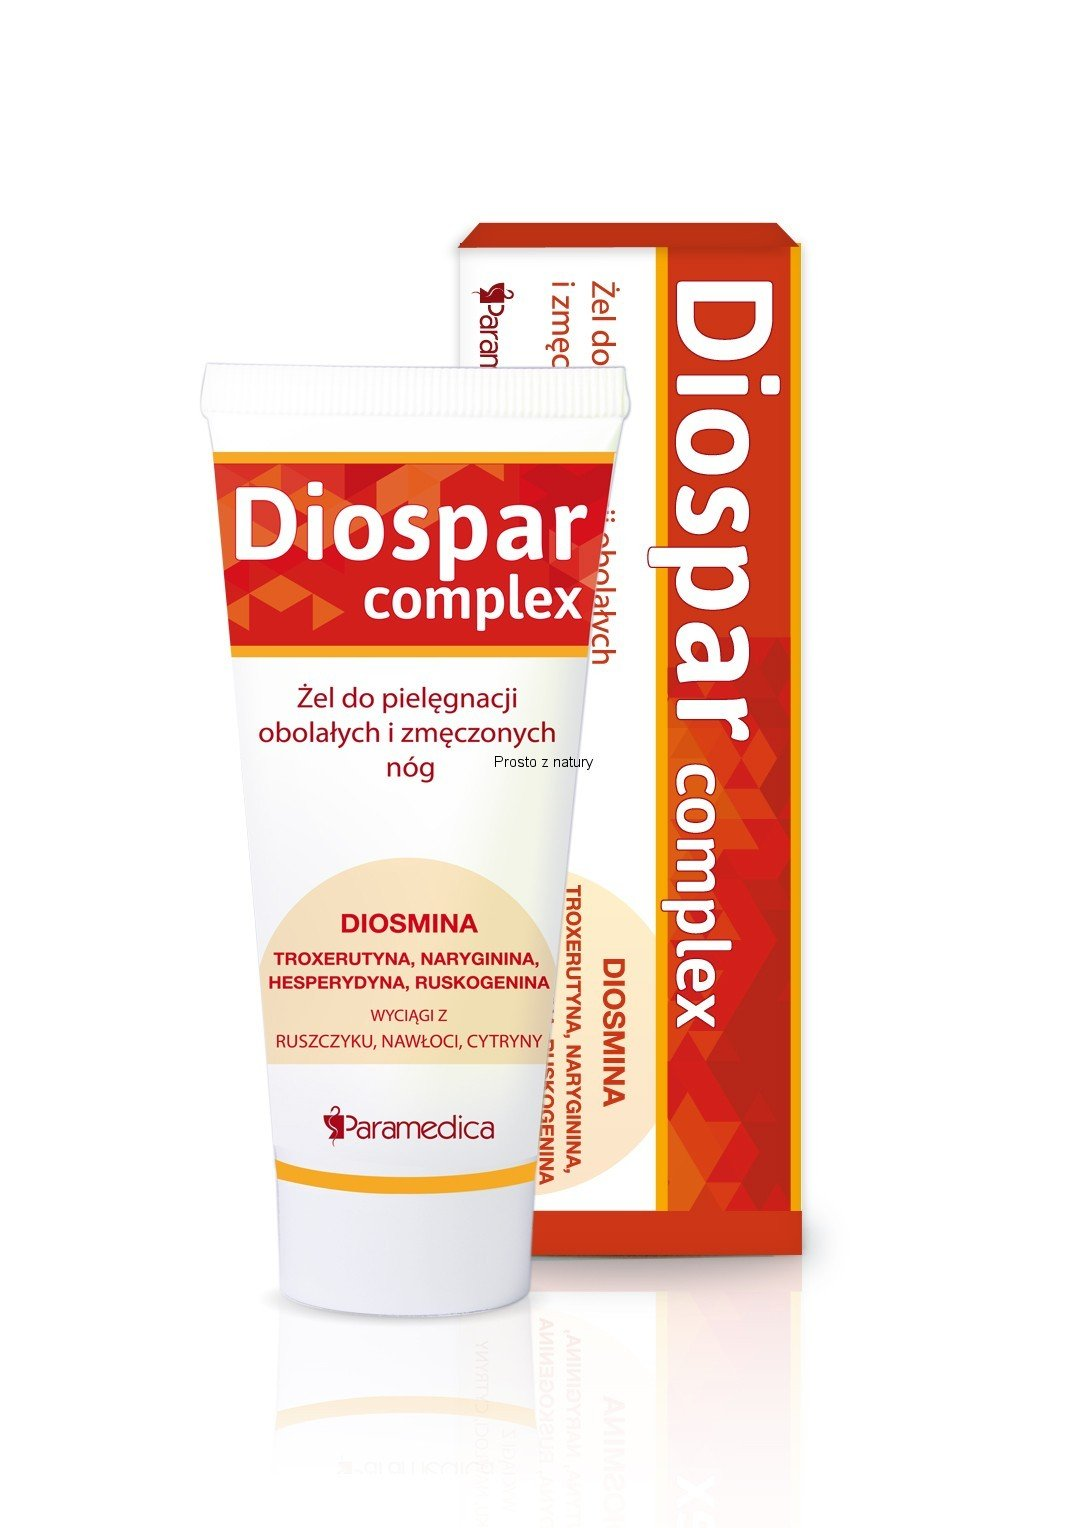 Paramedica, Diospar complex (żel), 100g.